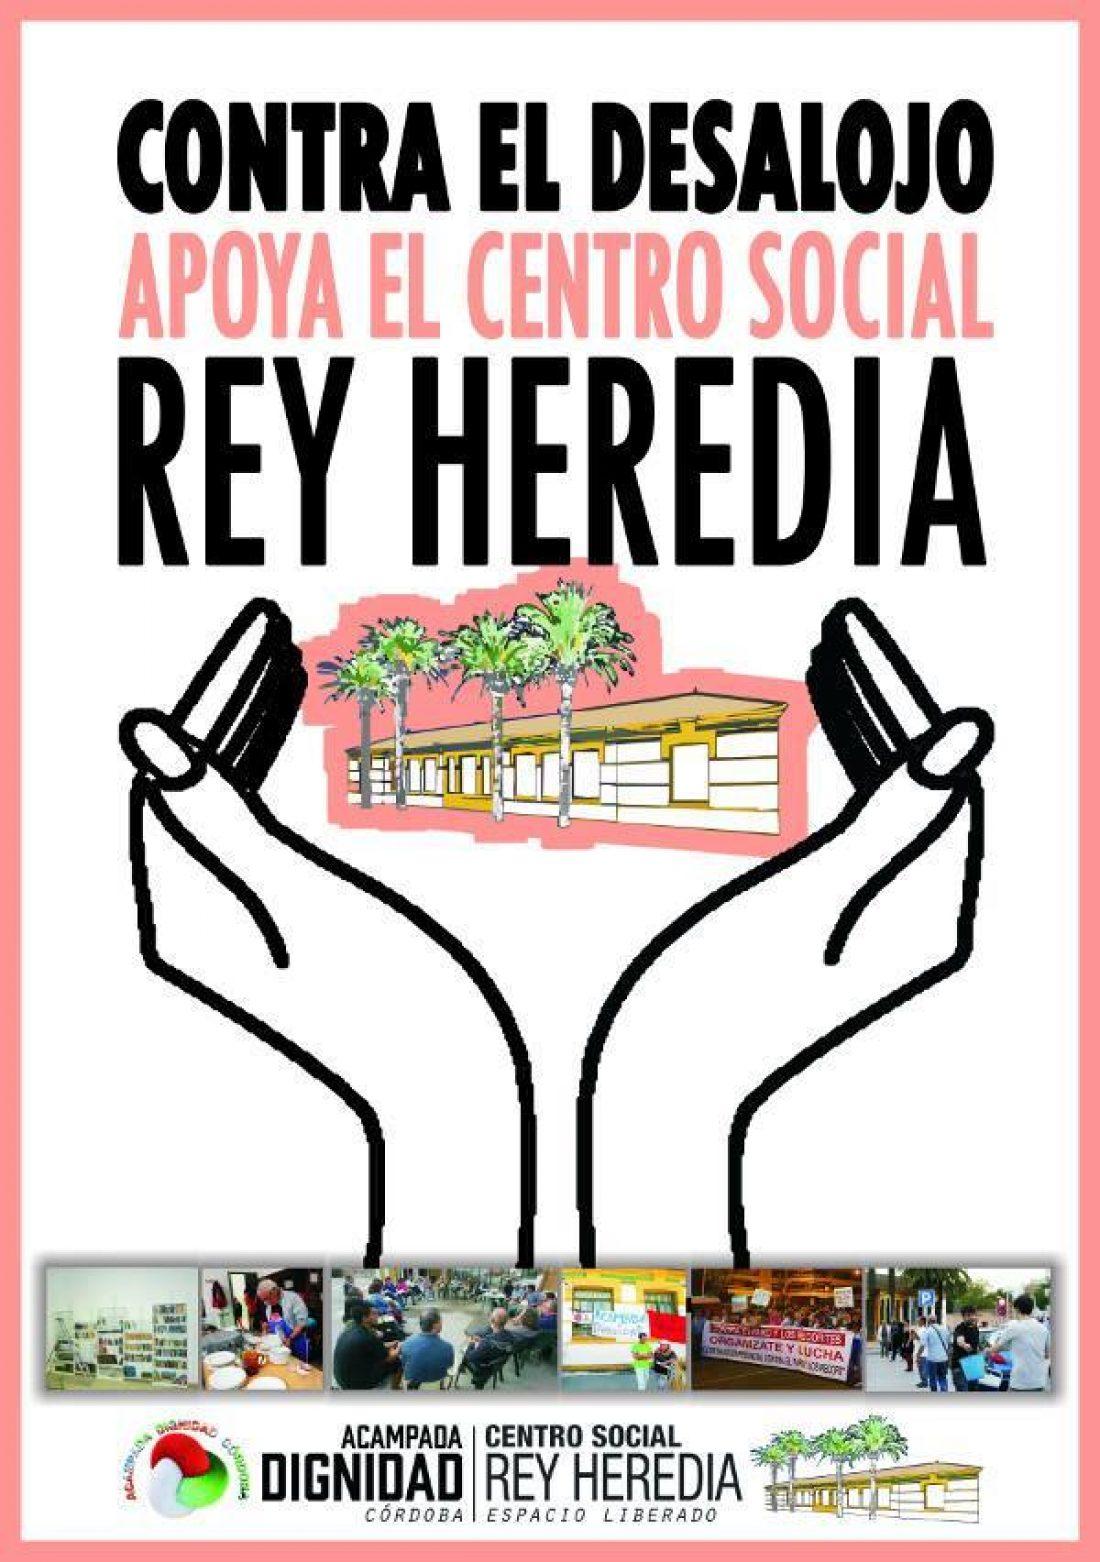 El secretario General de CGT Andalucía visitará el centro social Rey Heredia para mostrar el apoyo del sindicato